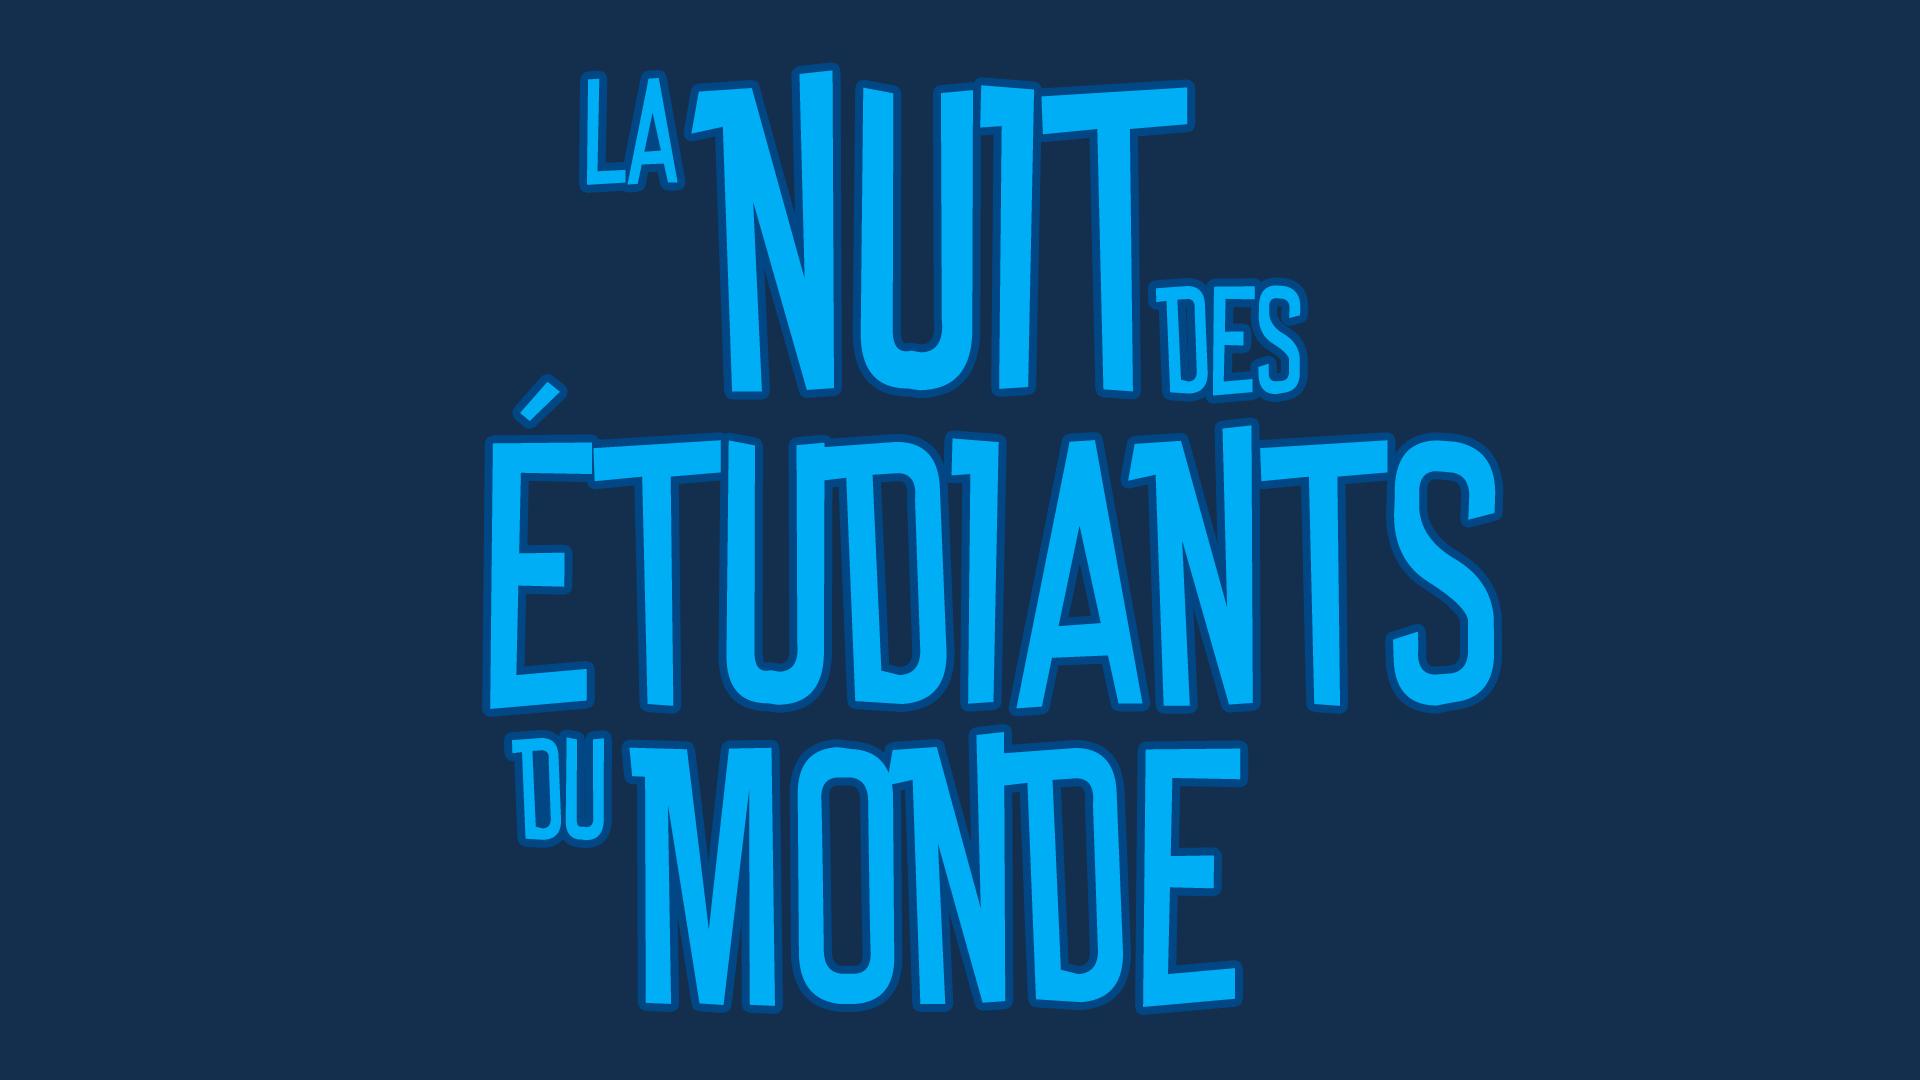 Nuit des étudiants du monde